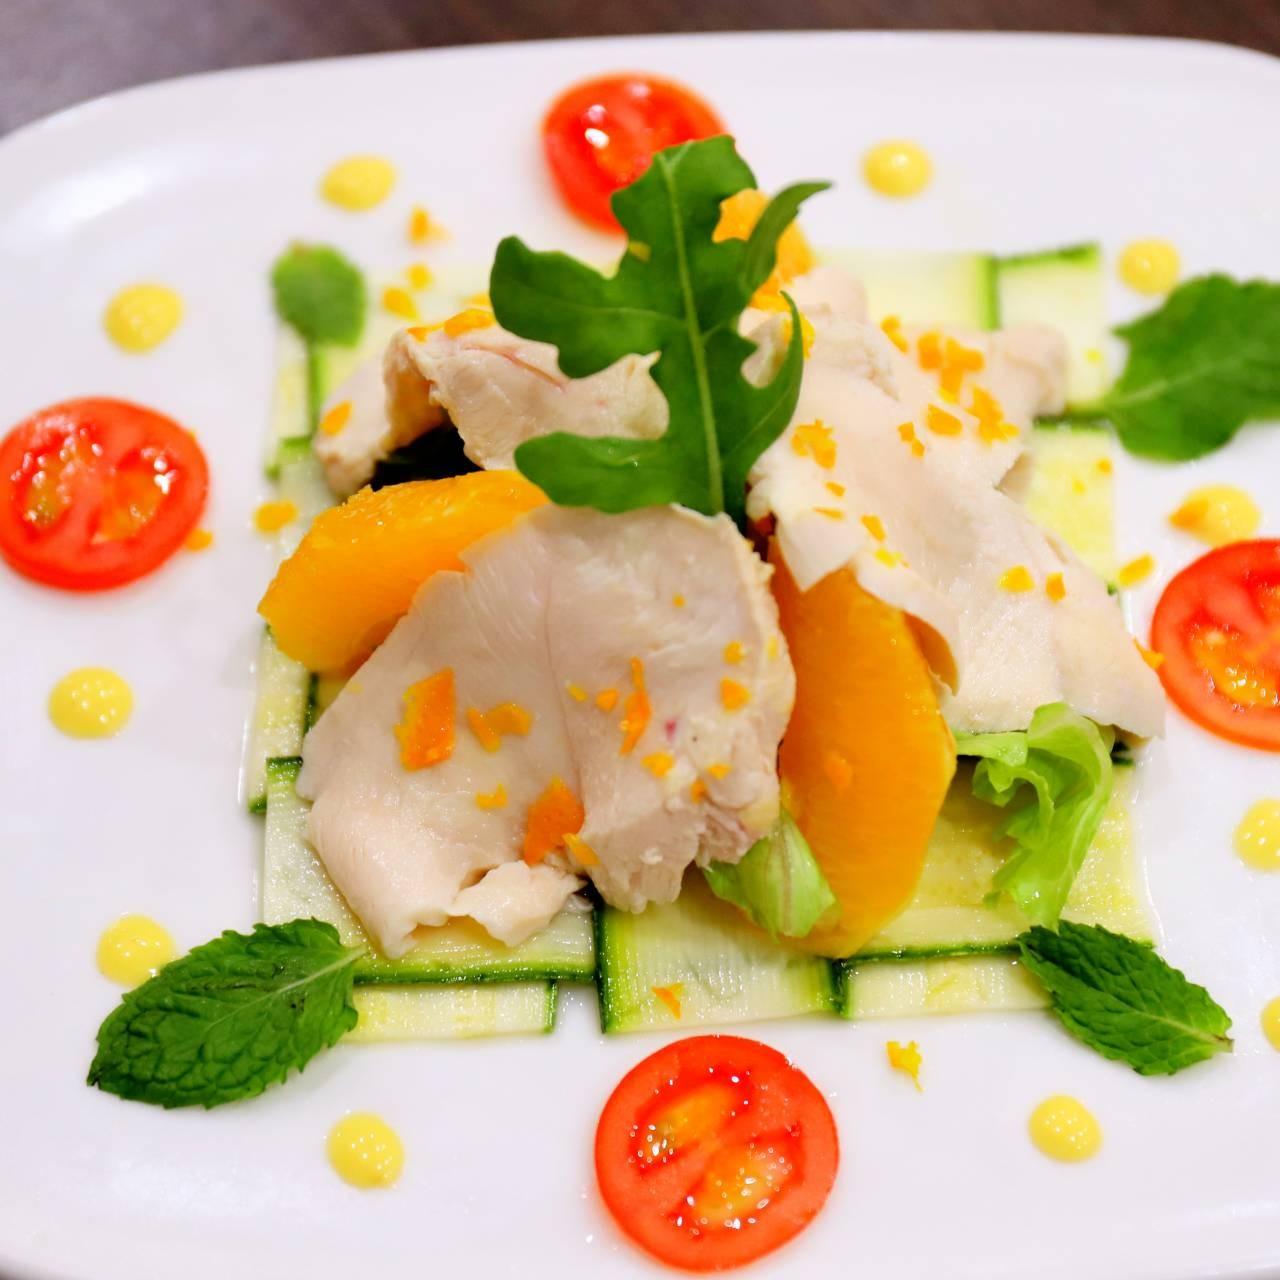 主廚私房菜:香橙雞肉蔬菜沙拉